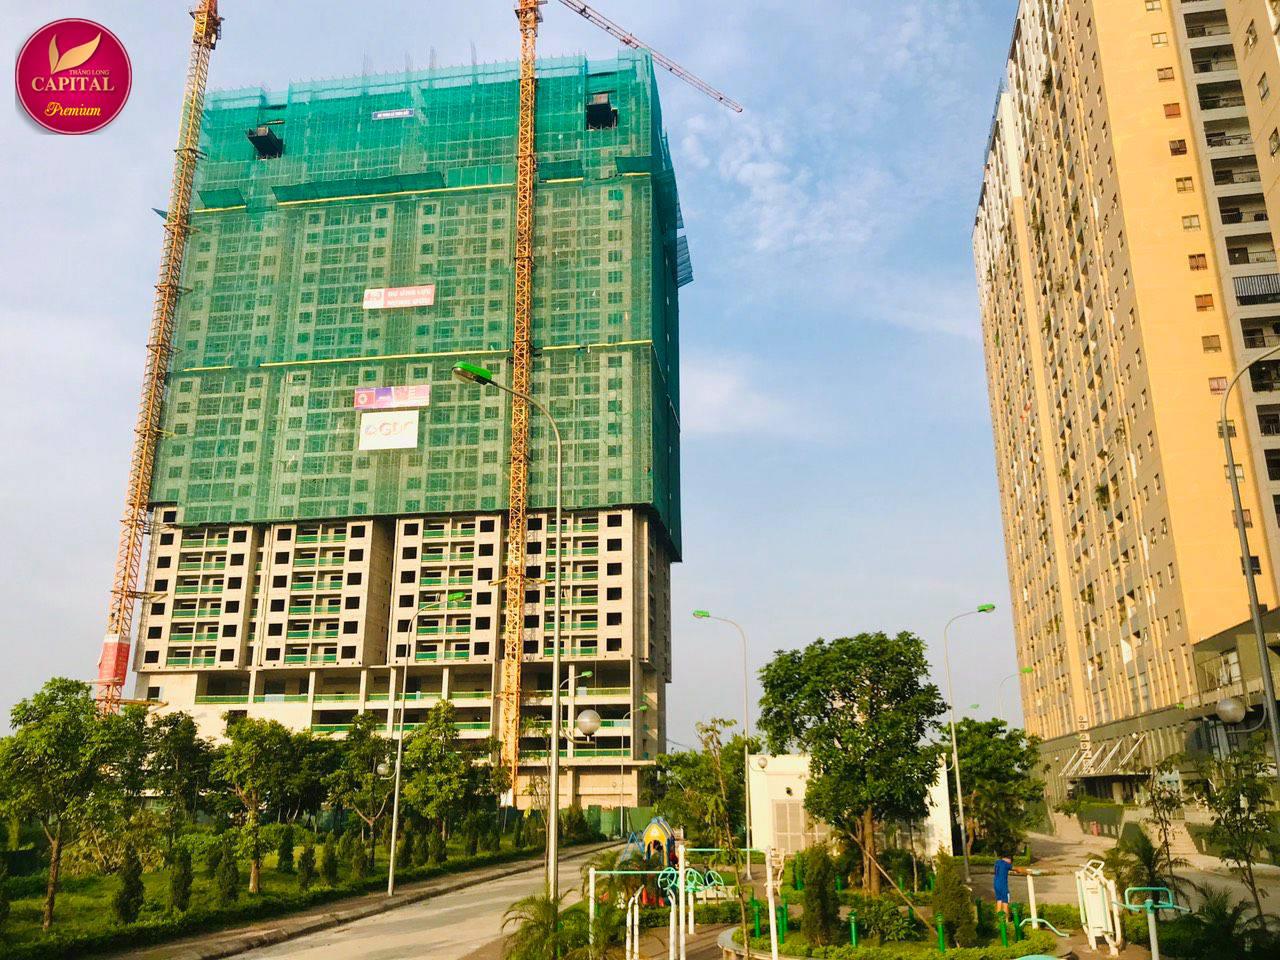 Cập nhật tiến độ dự án Thăng Long Capital Premium ngày 23/11/2019